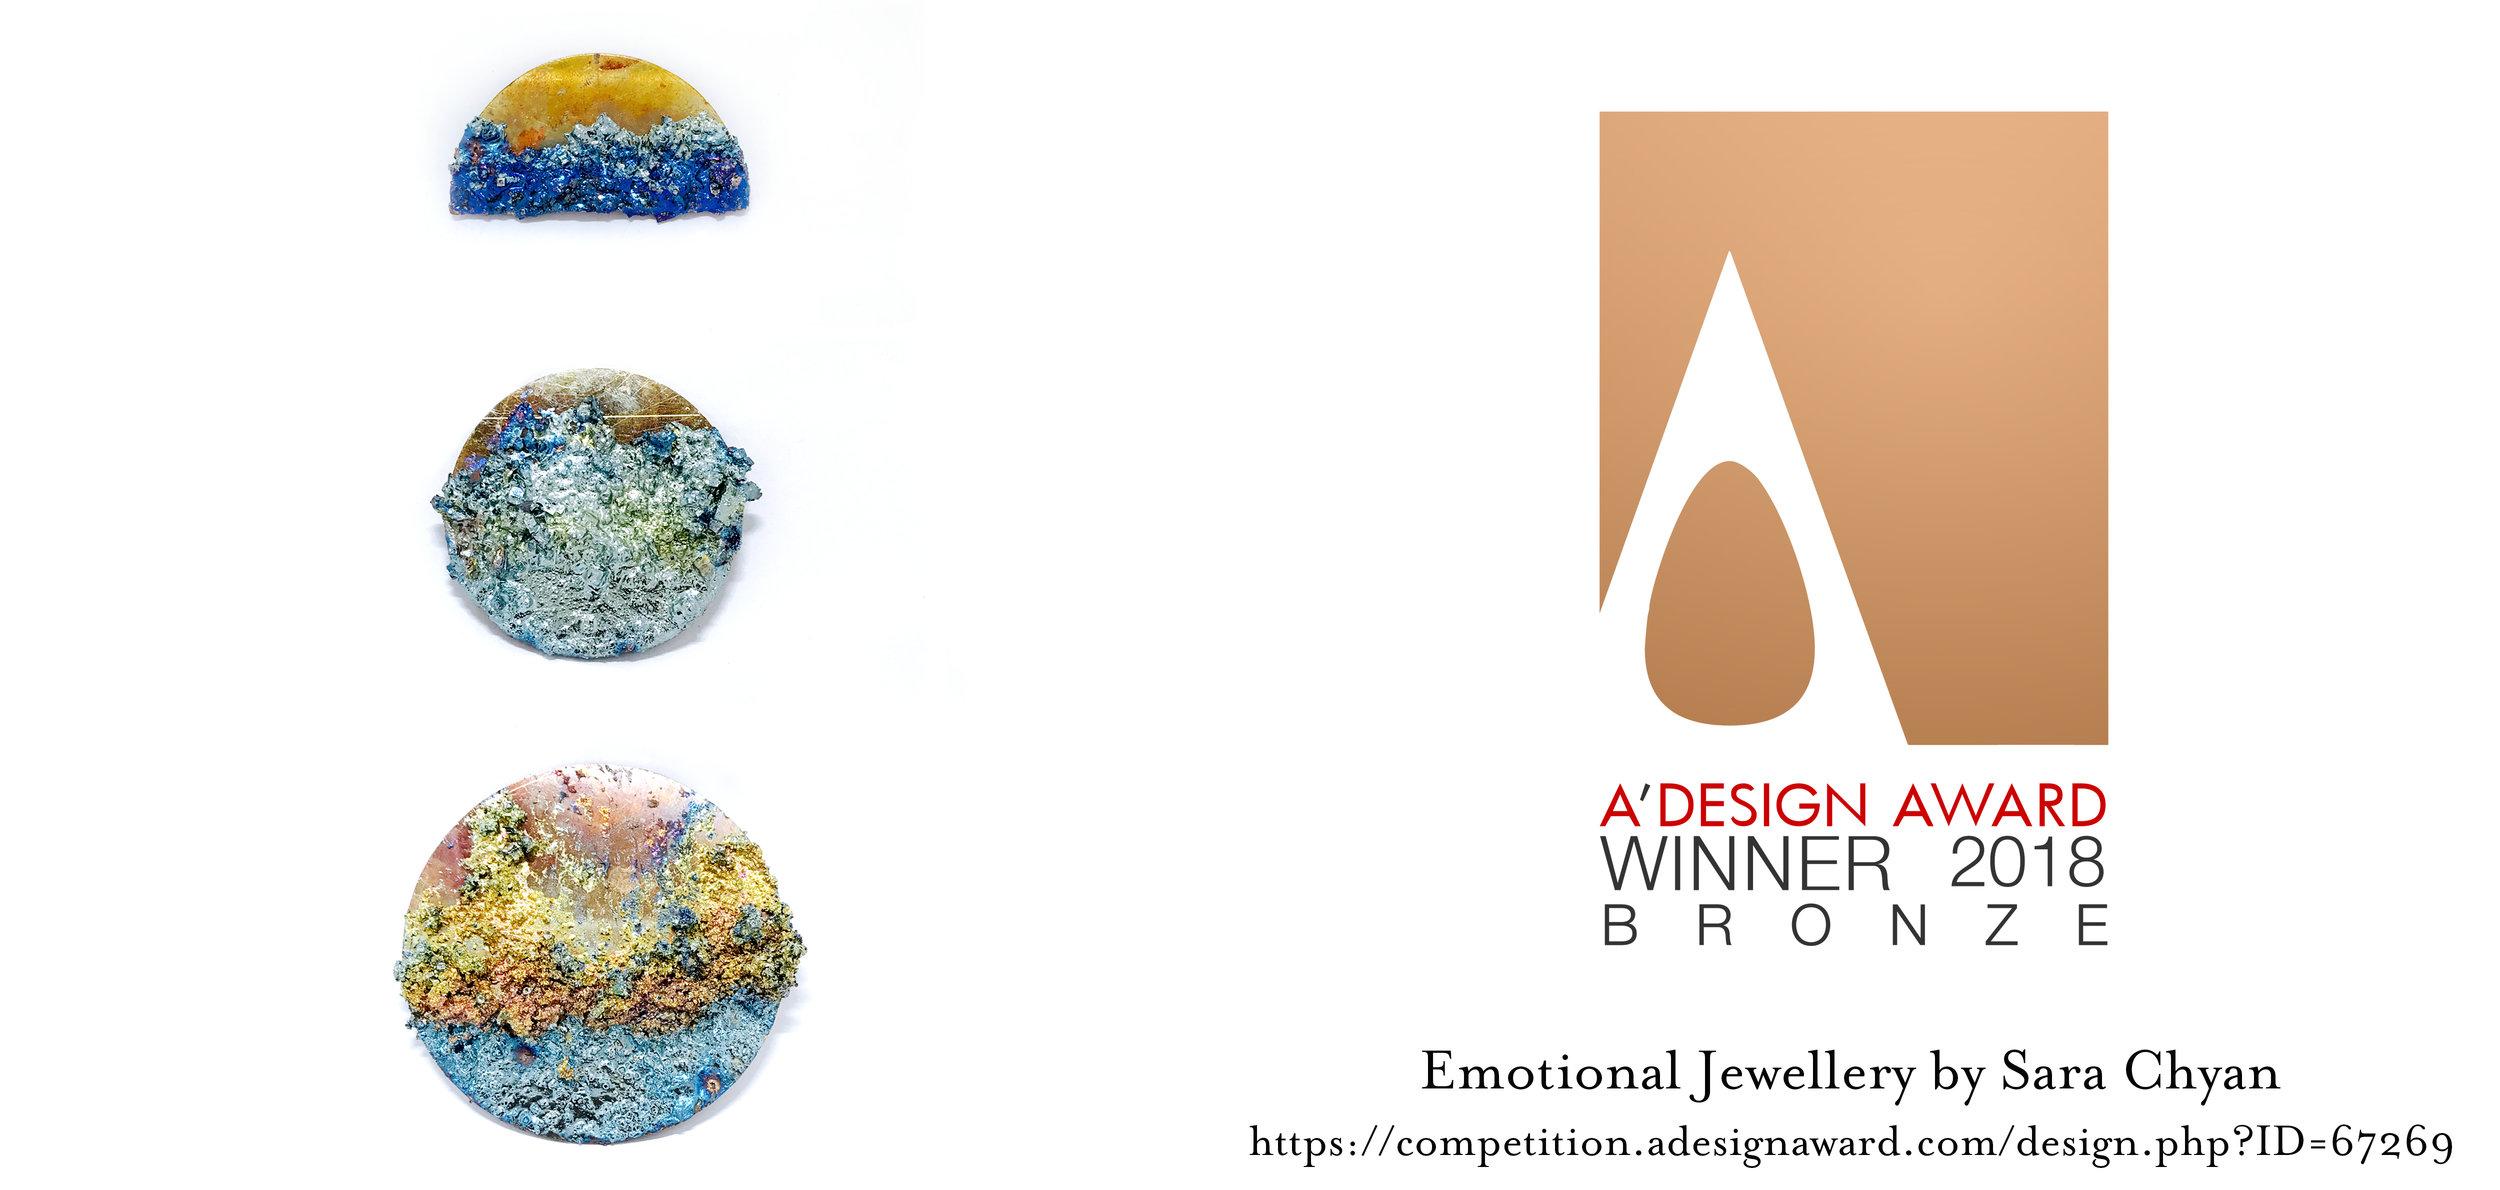 A' Design Award 2018 - Bronze Winner